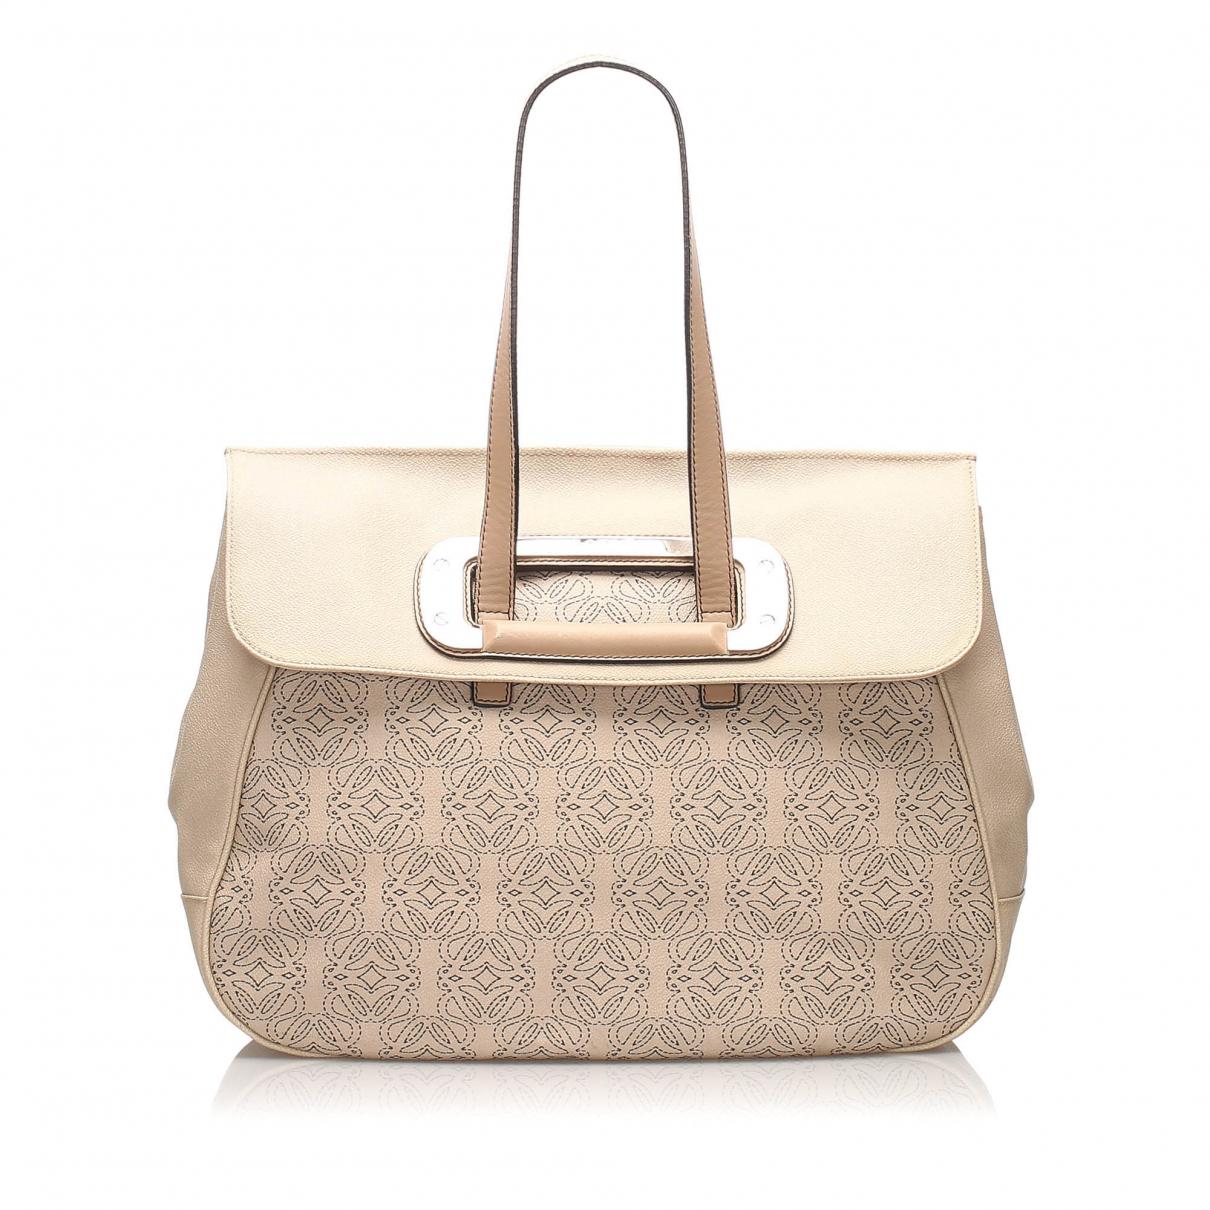 Loewe N Brown Leather handbag for Women N